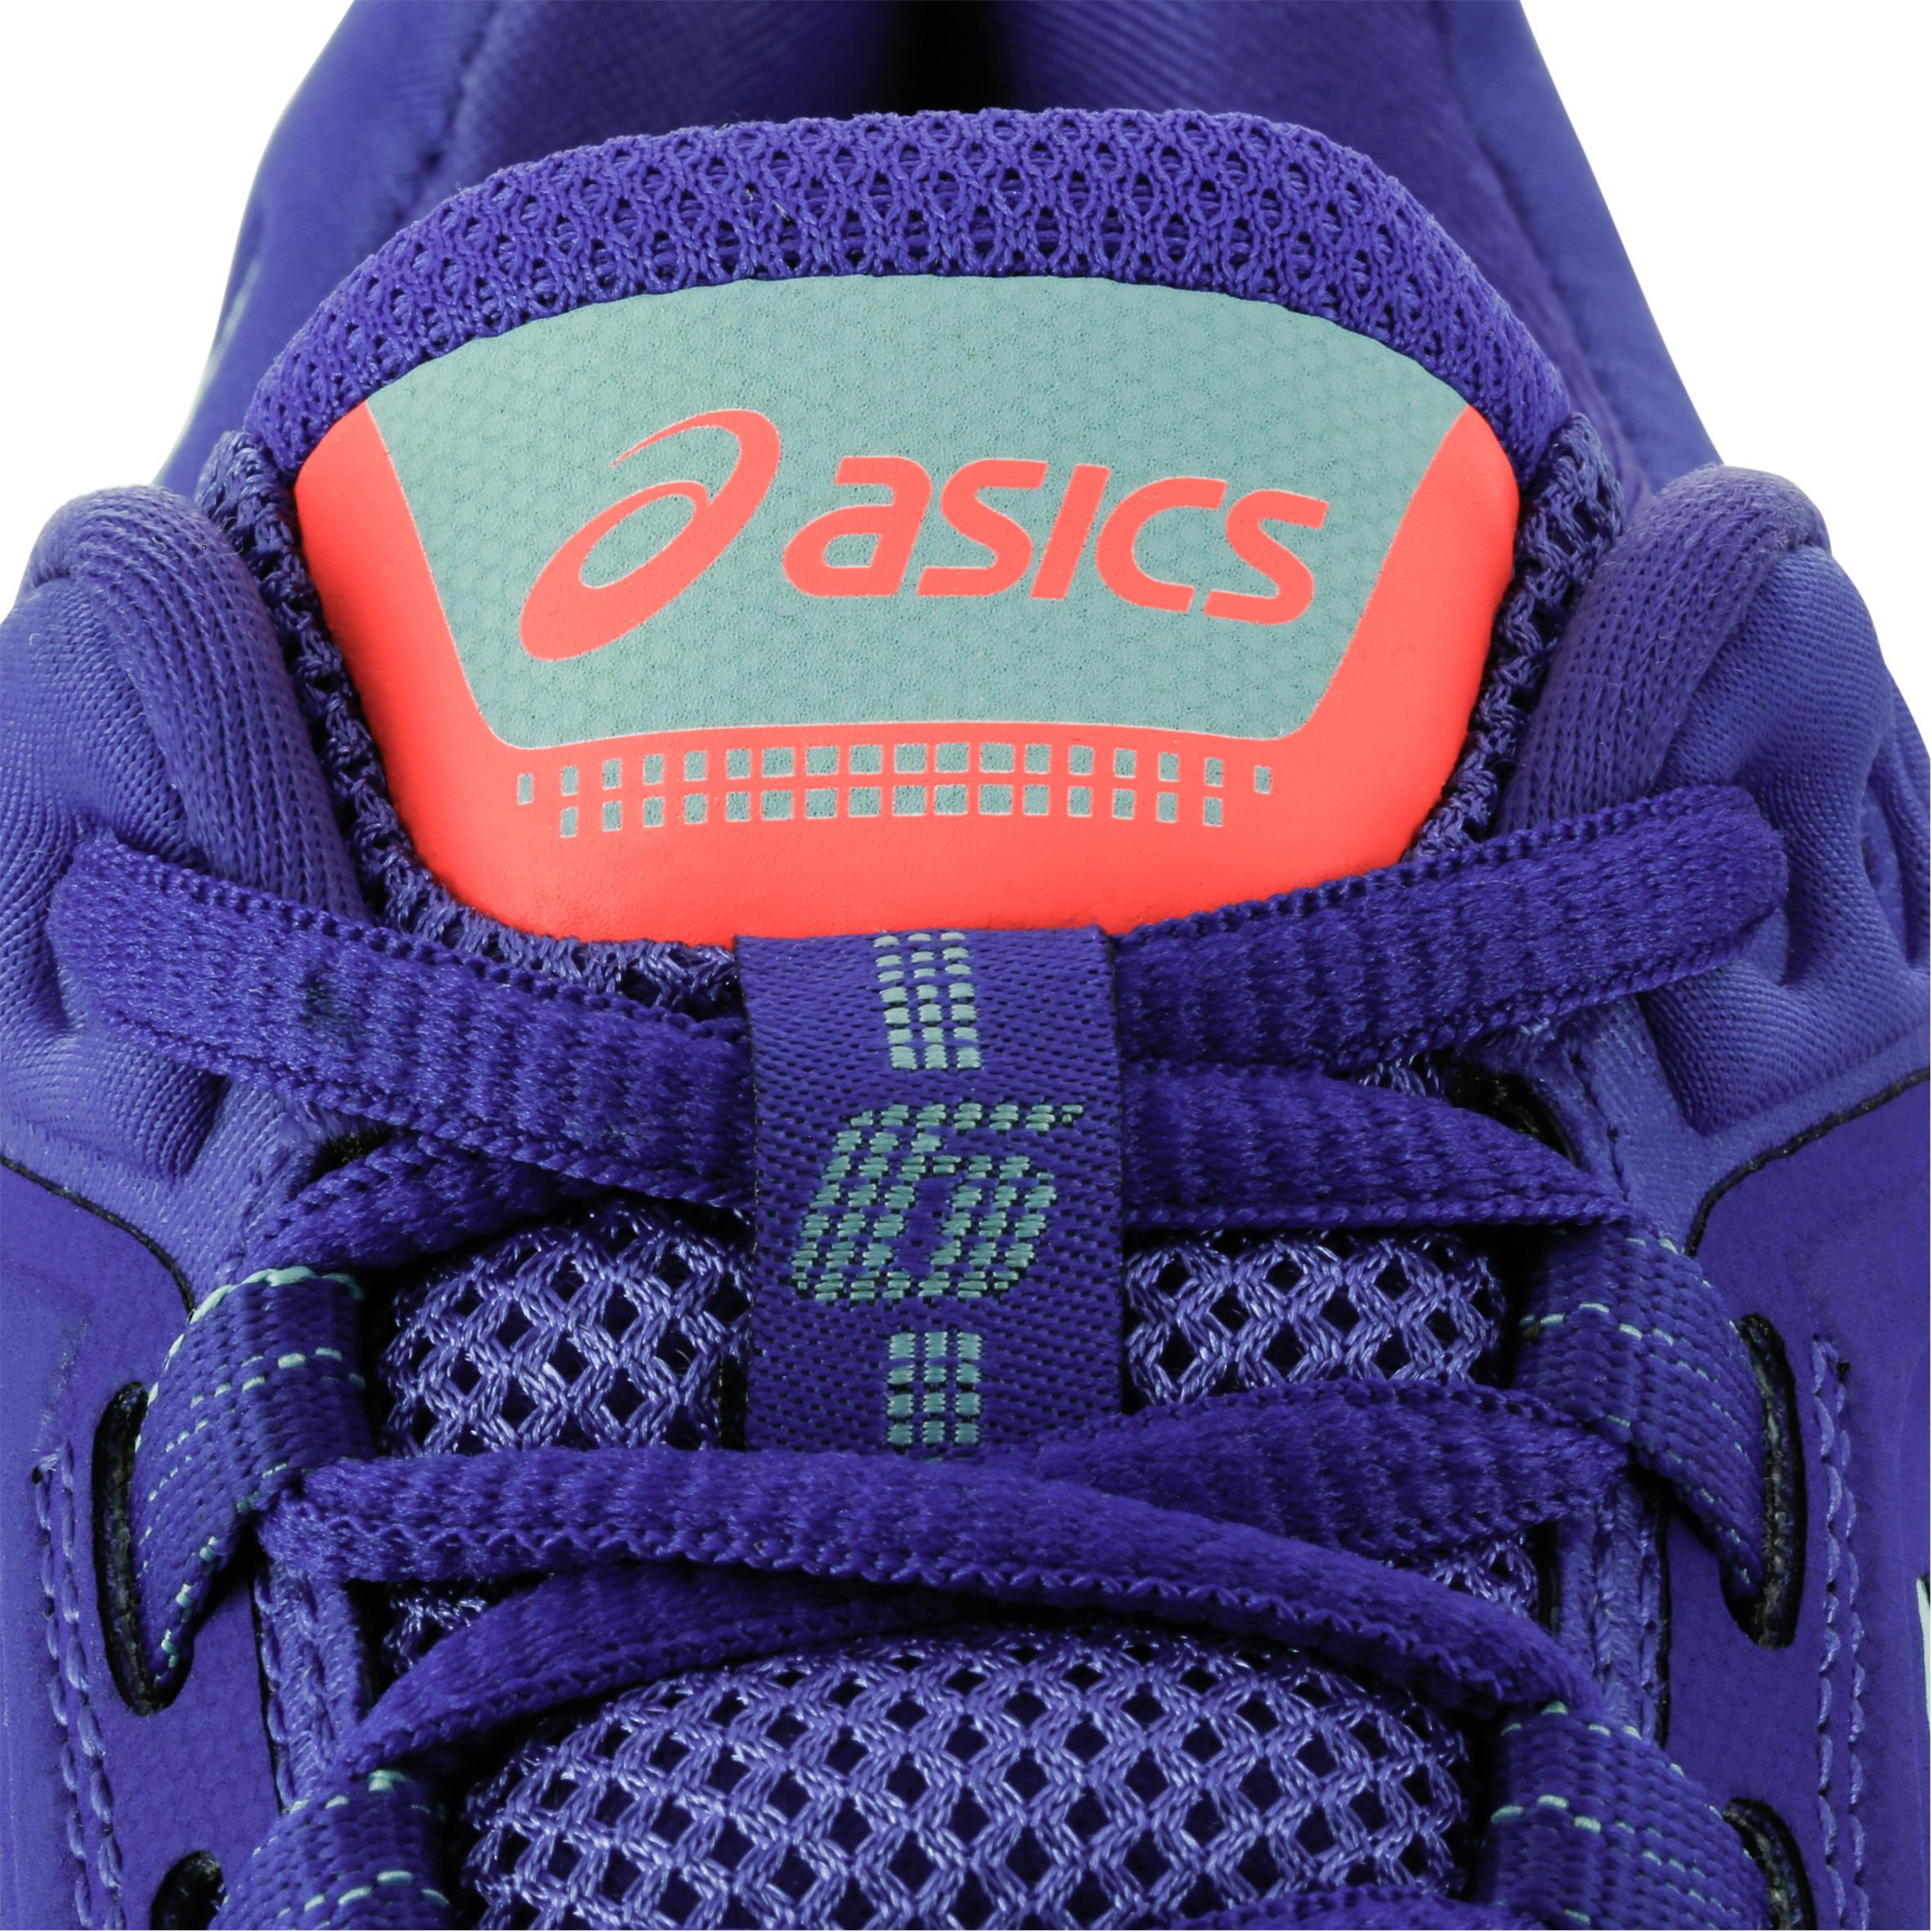 Chaussures A Running Asics Gel 2000 Pied Gt 6 Bleu Course Femme K1cFJ3Tl